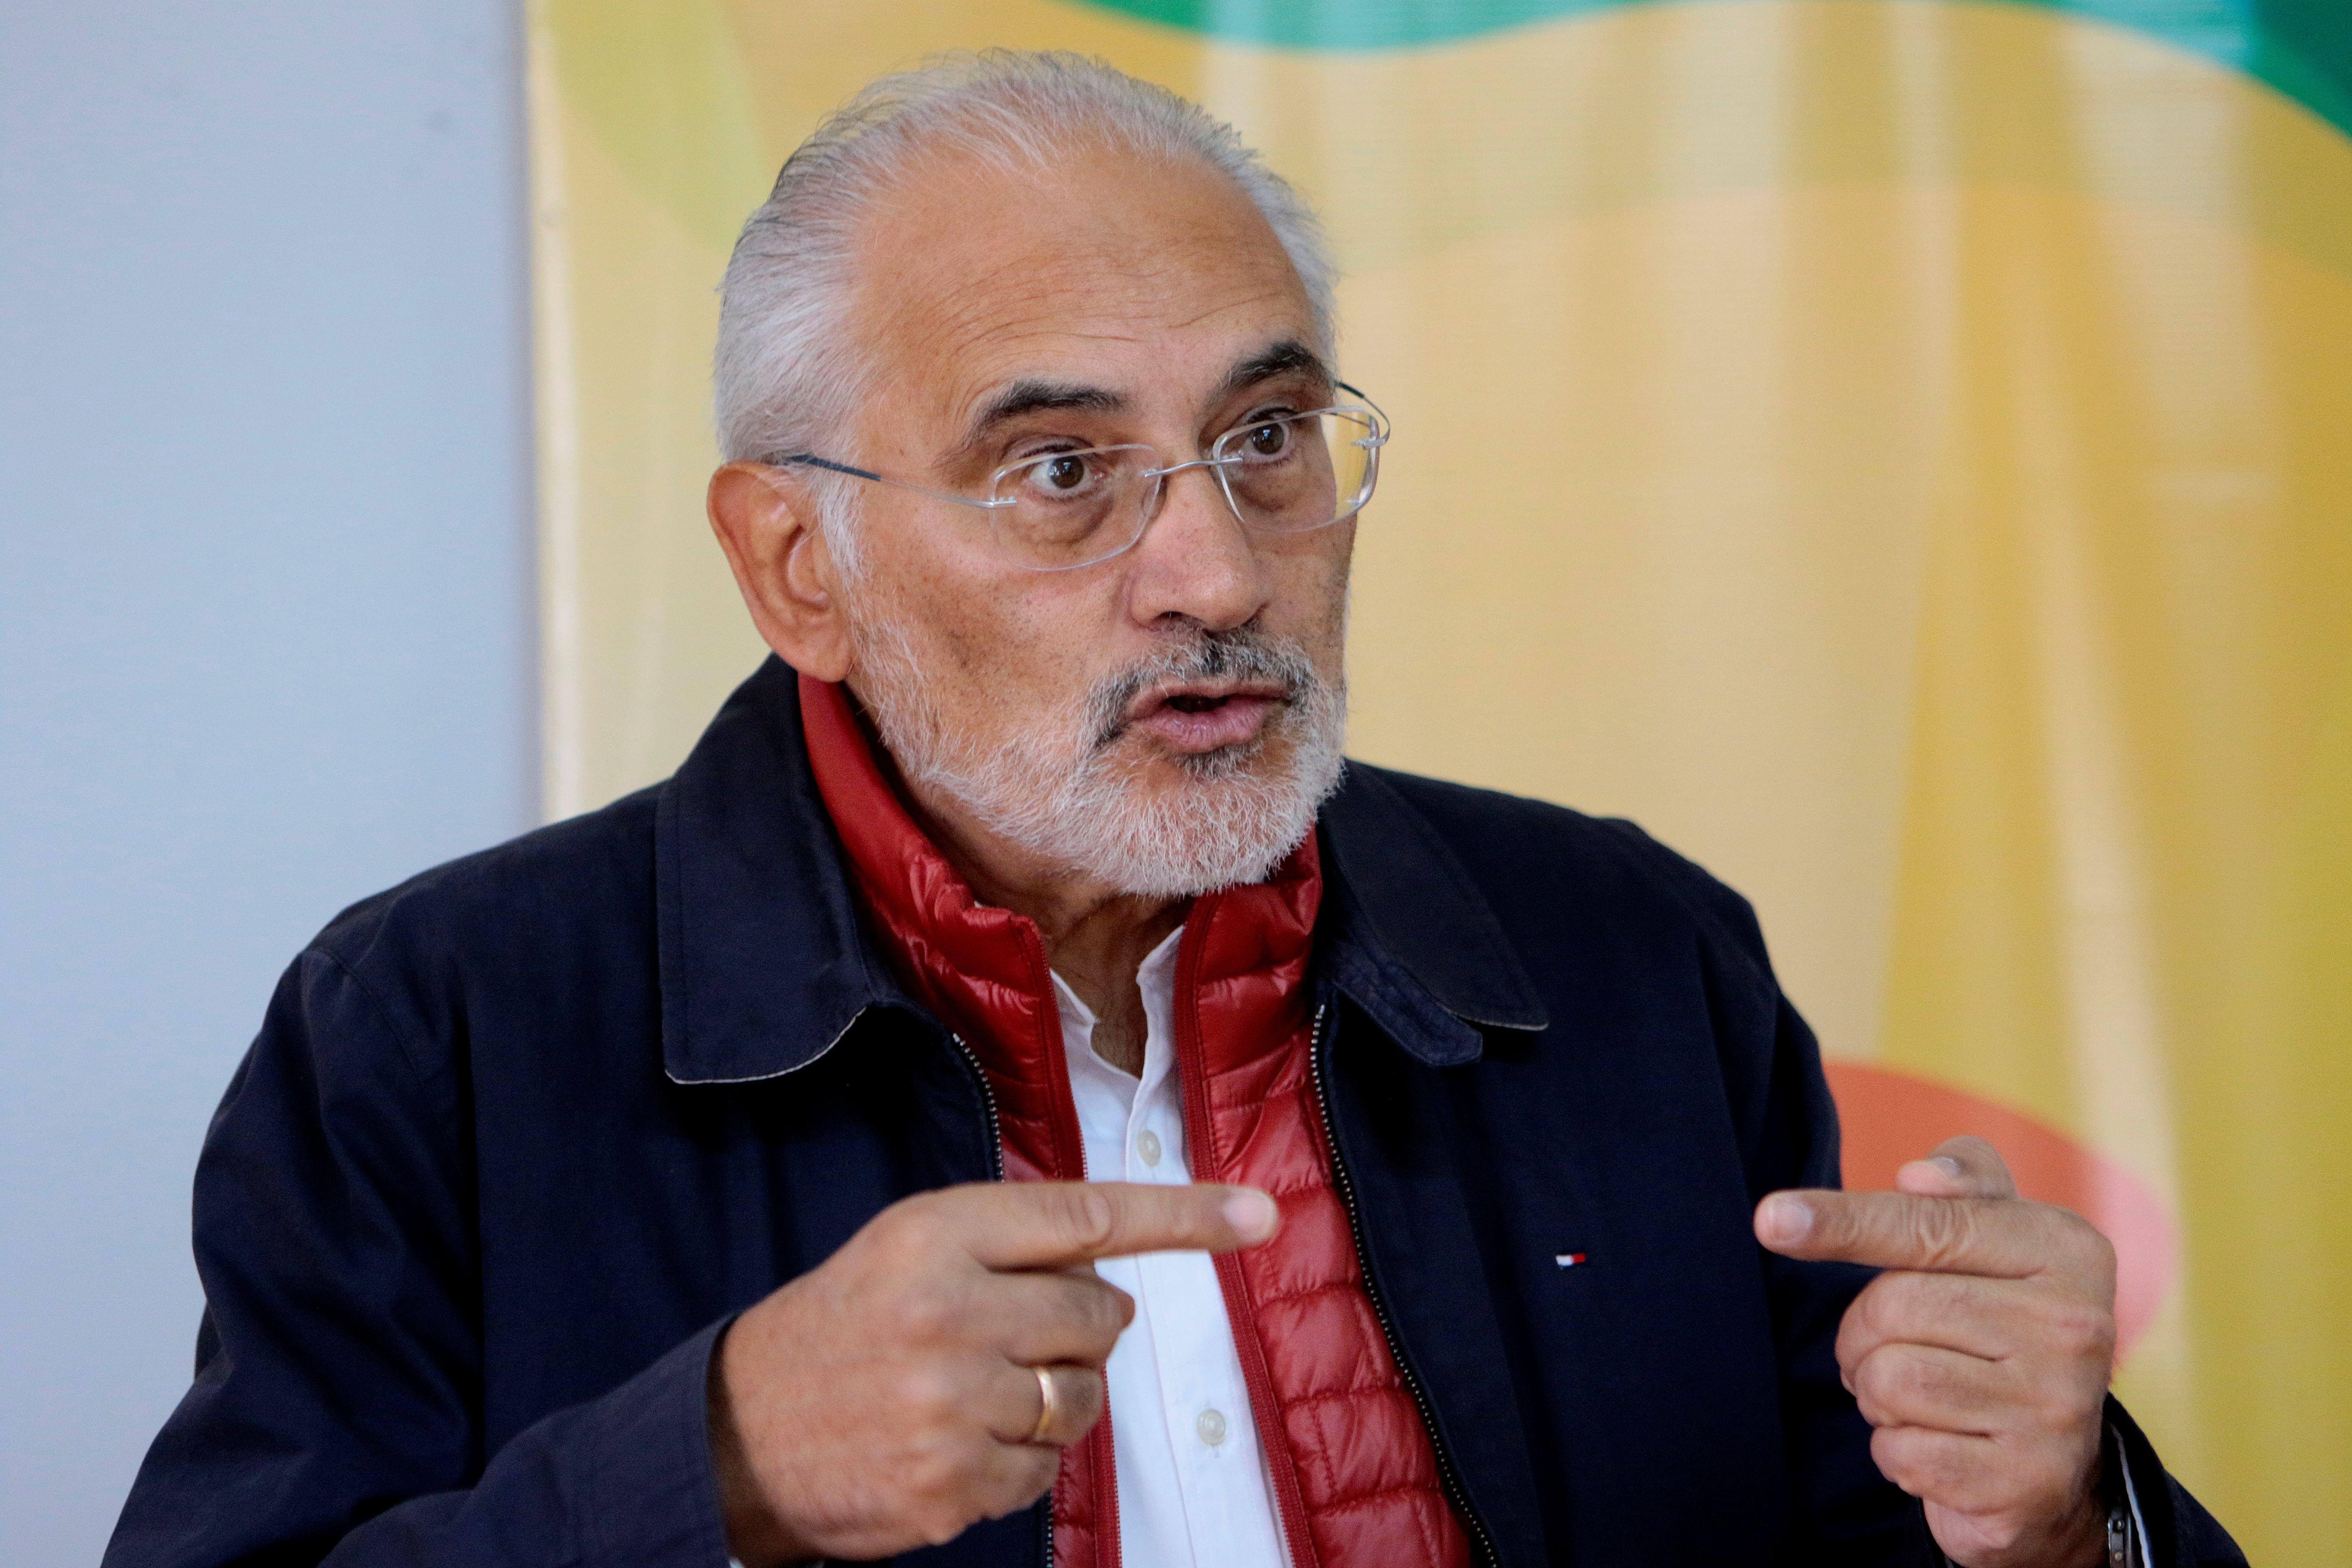 Carlos Mesa, el candidato que disputó con Evo Morales las elecciones de octubre pasado, esta vez aparece en  las encuestas peleando el segundo lugar con la presidente Jeanine Áñez.